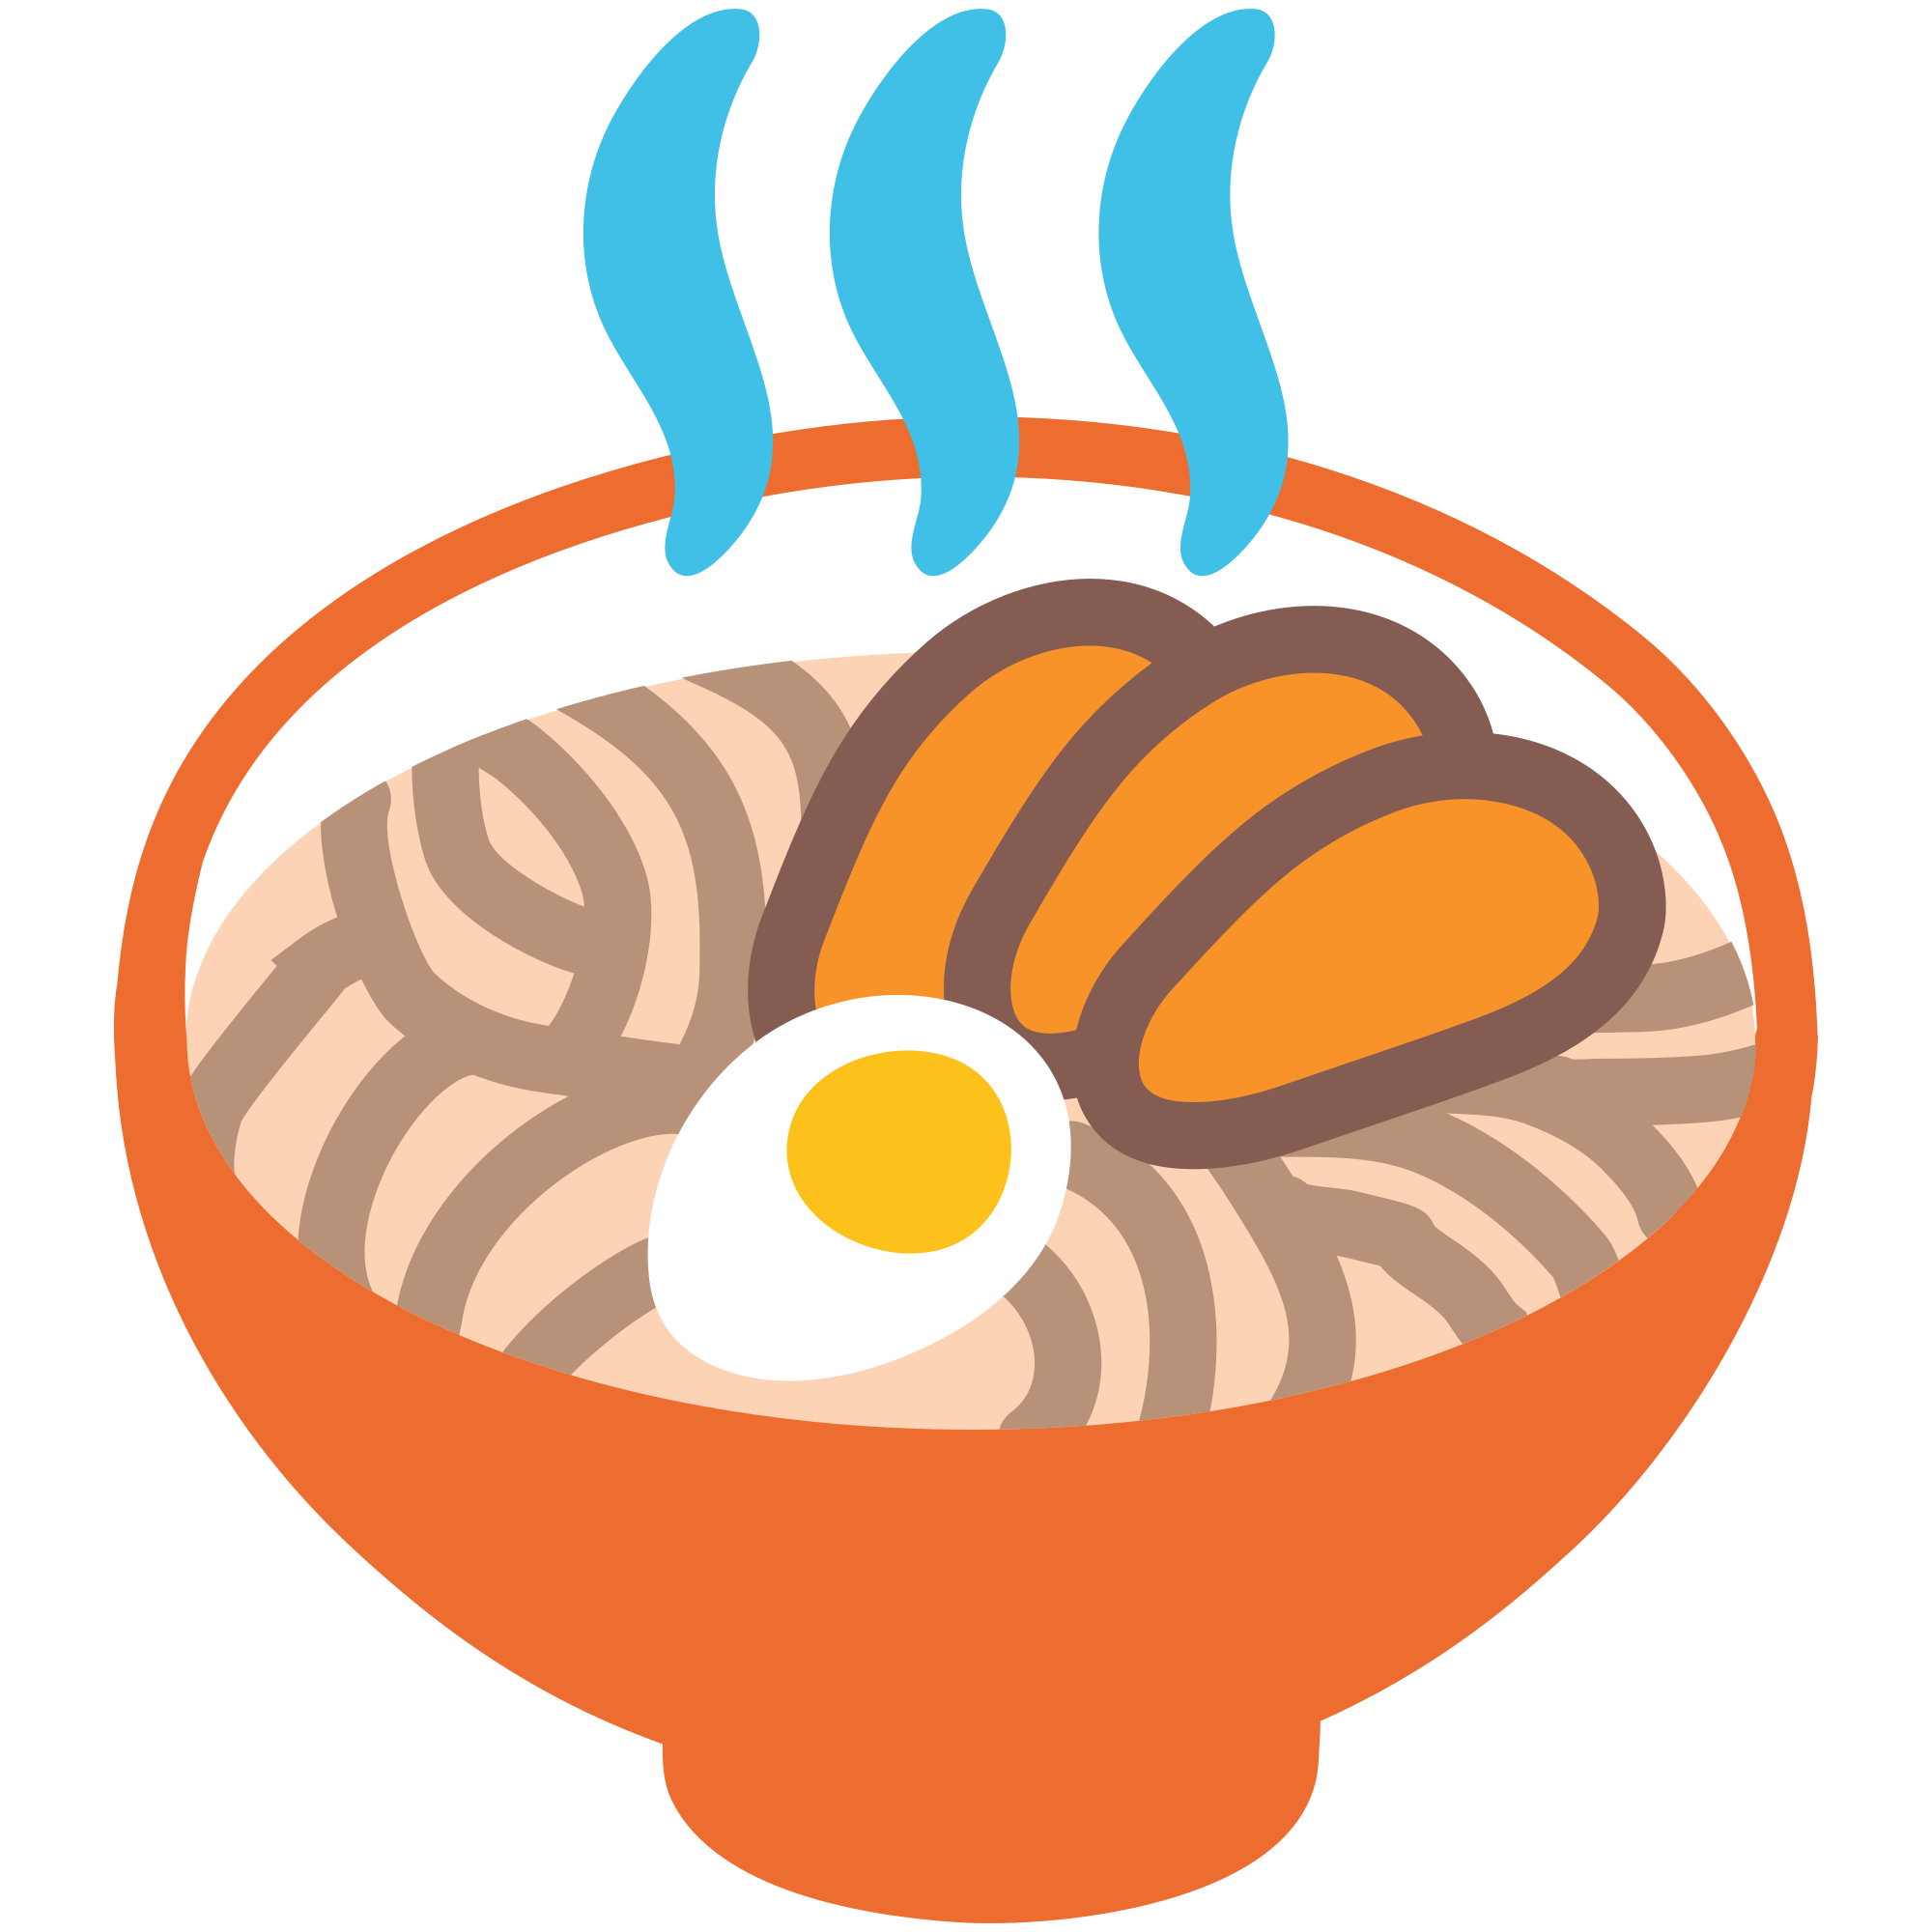 File emoji u f. Fries clipart roast fish